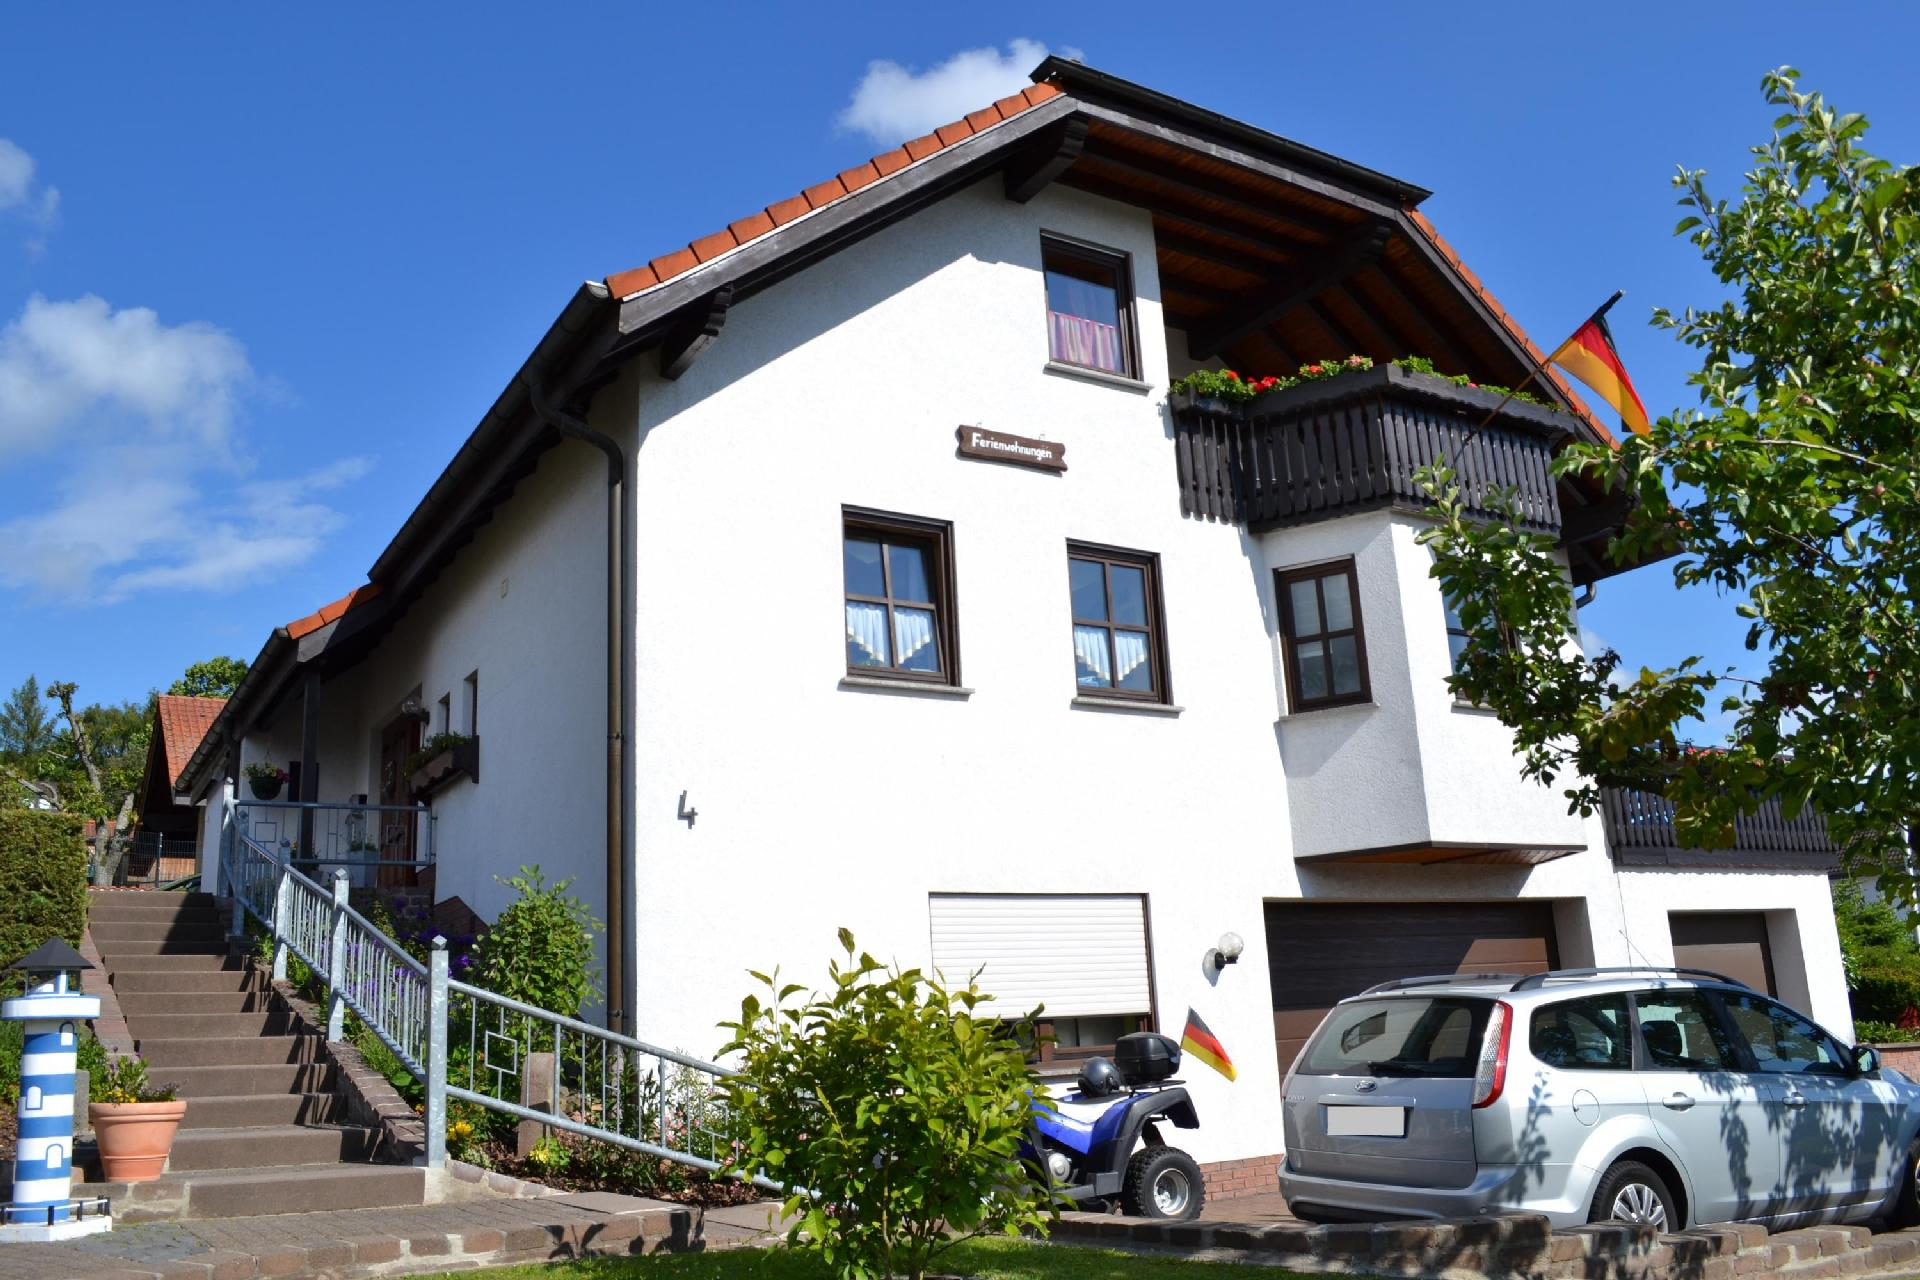 Ferienwohnung für 2 Personen  + 1 Kind ca. 45   Rhön Spessart